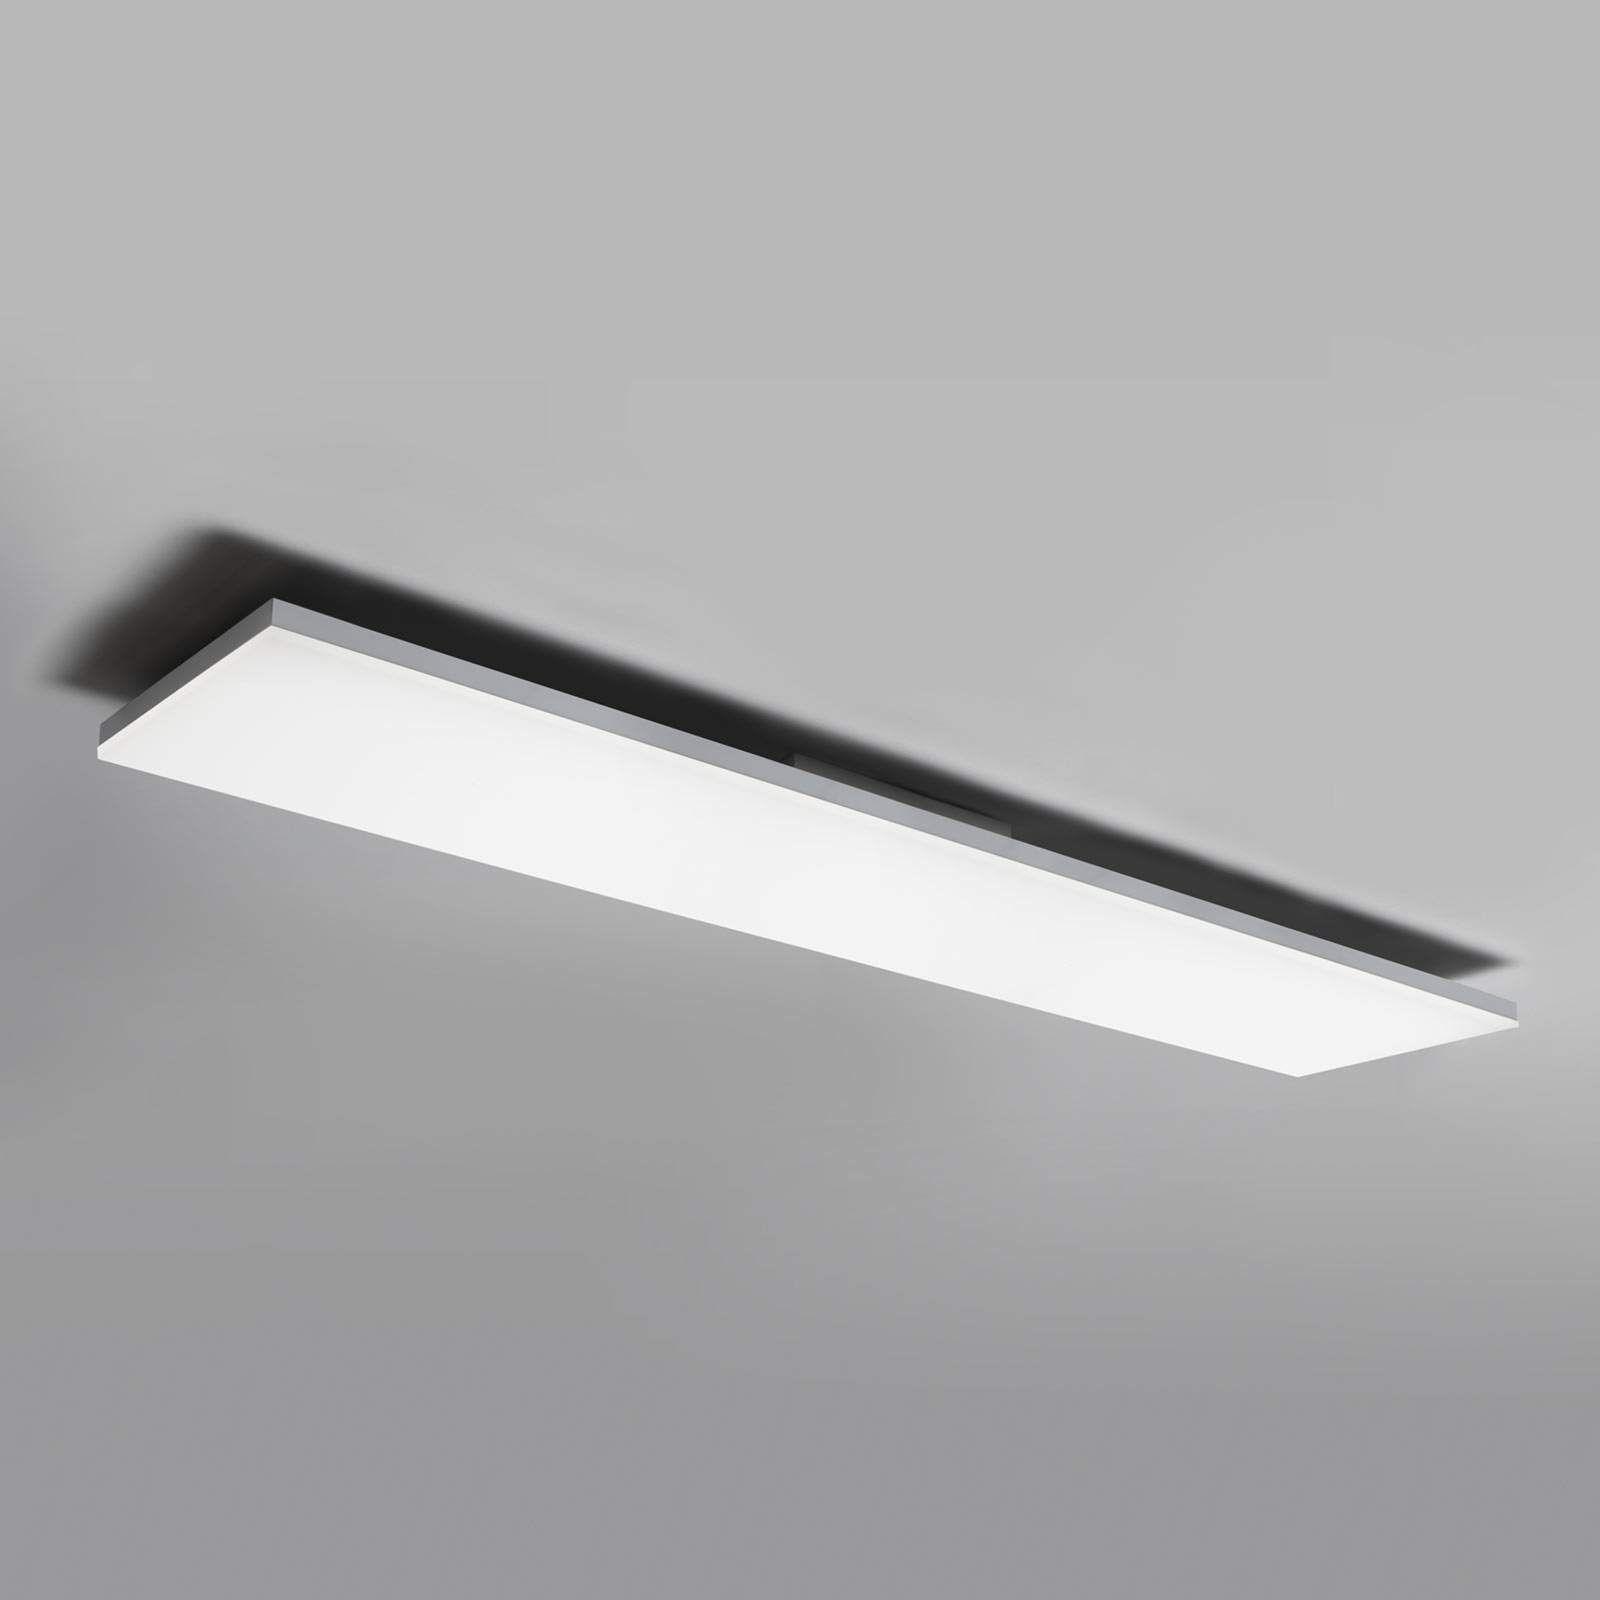 Ledvance Planon Frameless Deckenlampe 120x30 830 In 2020 Led Deckenlampen Deckenlampe Und Led Treiber